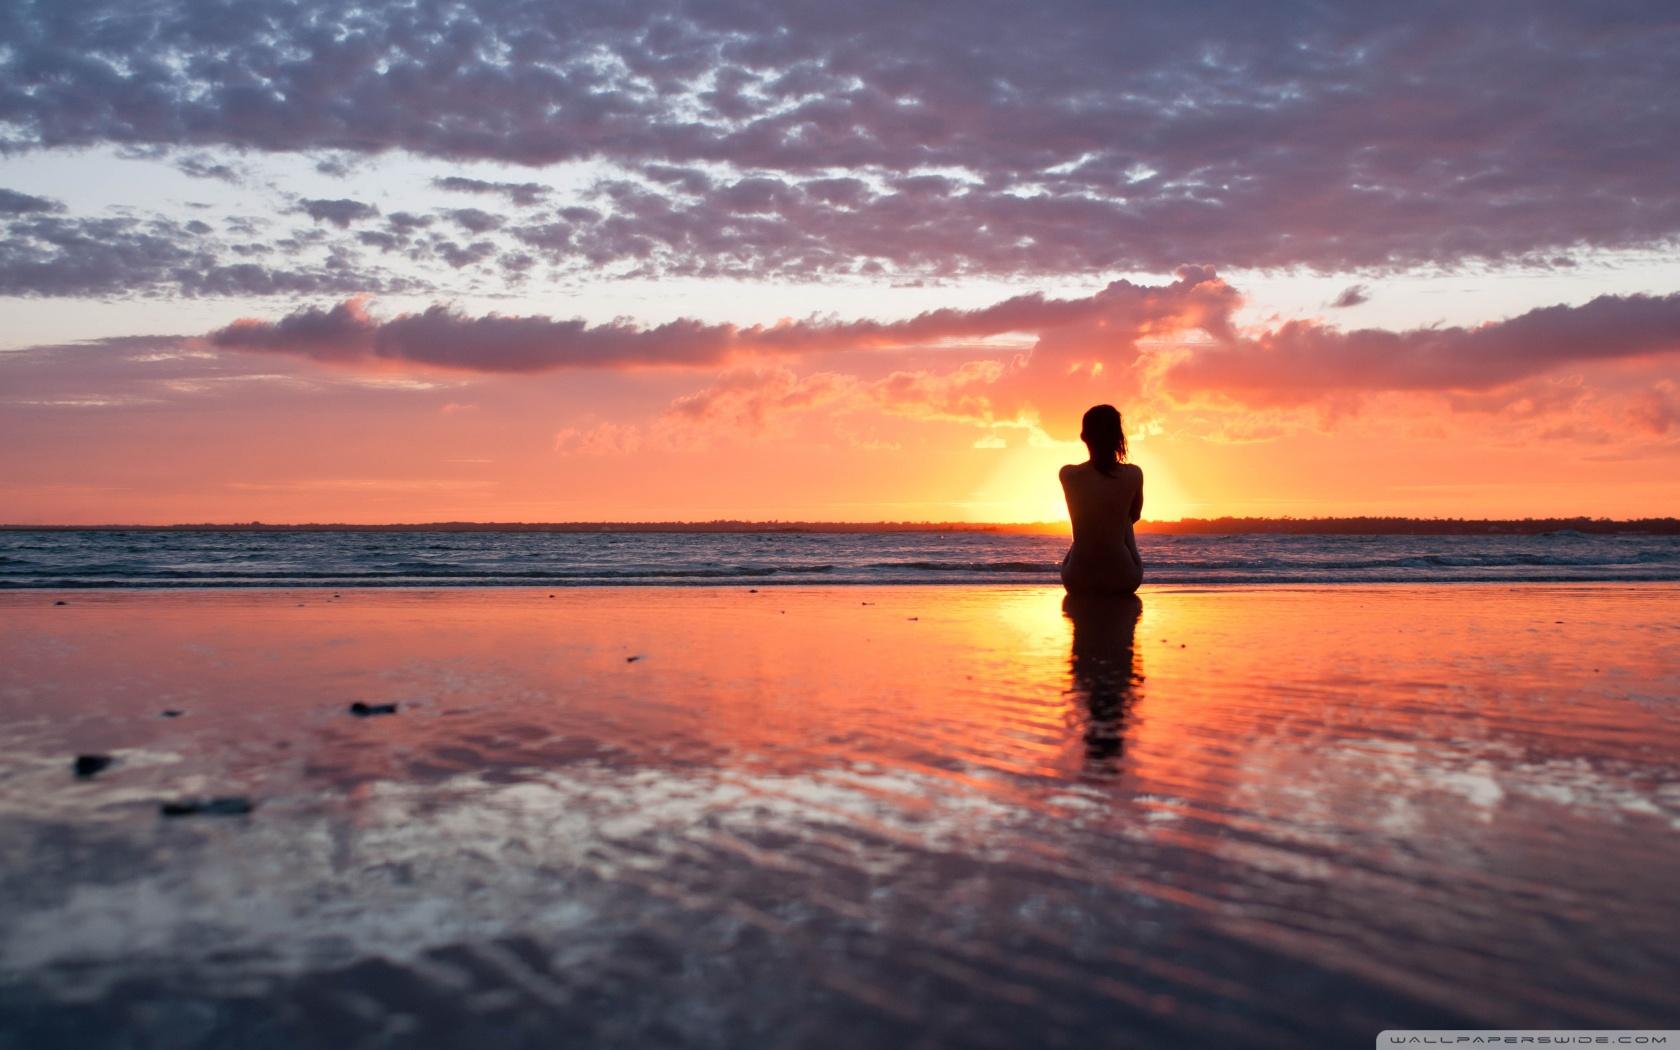 Gratitude - Trouves le plus de raisons possibles pour lesquelles tu pourrais ressentir de la gratitude ici et maintenant...